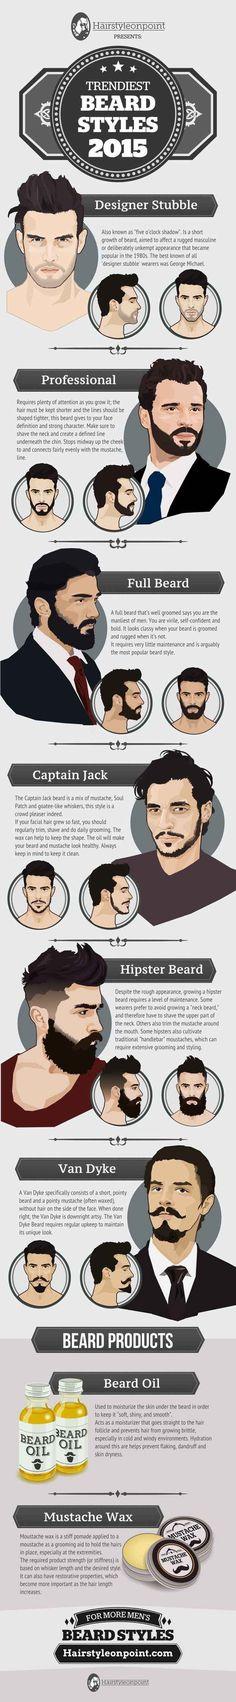 #Cabelos #Cutting #Hair #Mens_Fashion #Masculino. Deixe um comentário sobre este pin it para #AlexandreDMoraes ou acesse nossa rede social